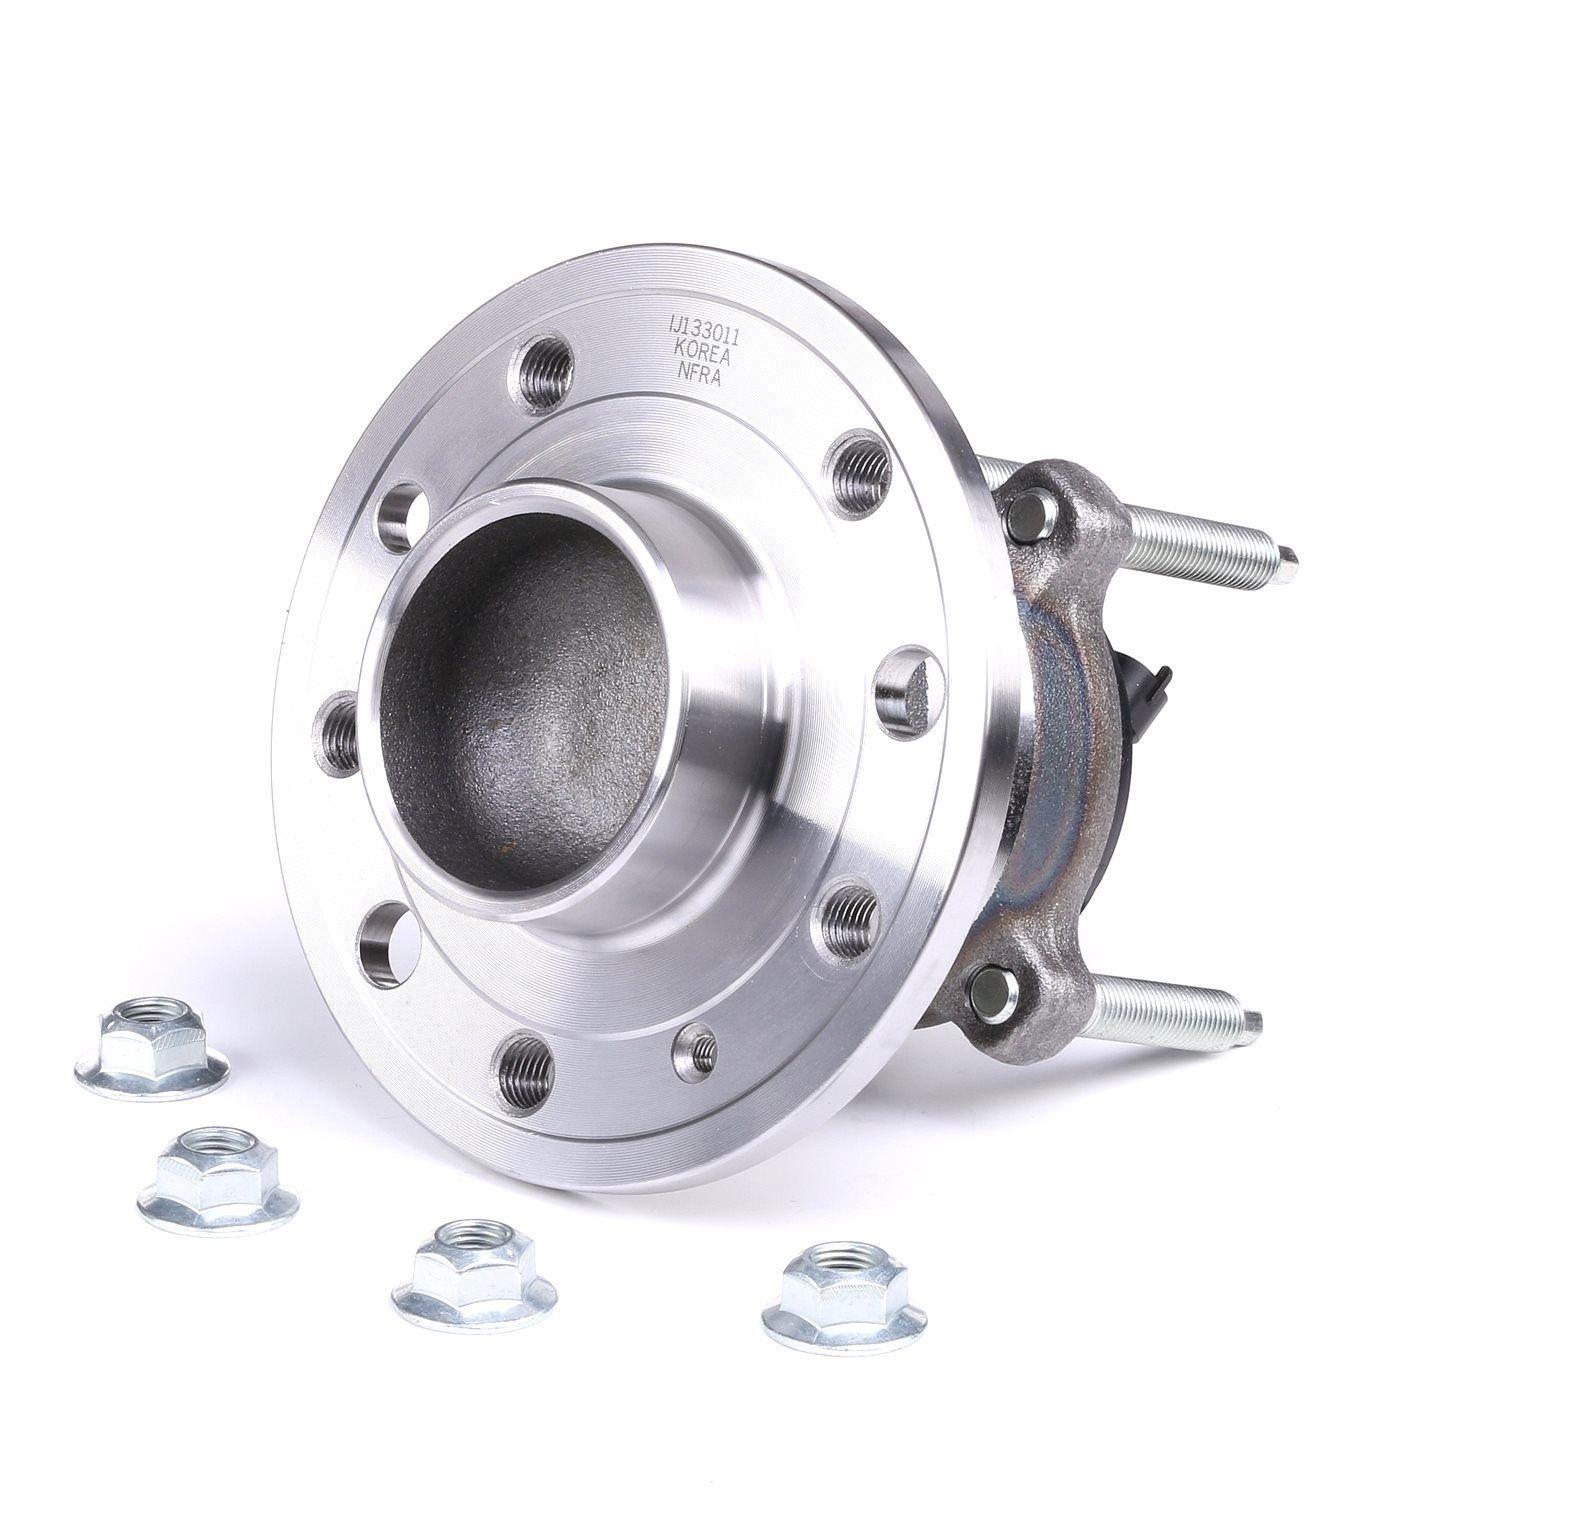 compre Kit rolamento roda VKBA 3624 a qualquer hora